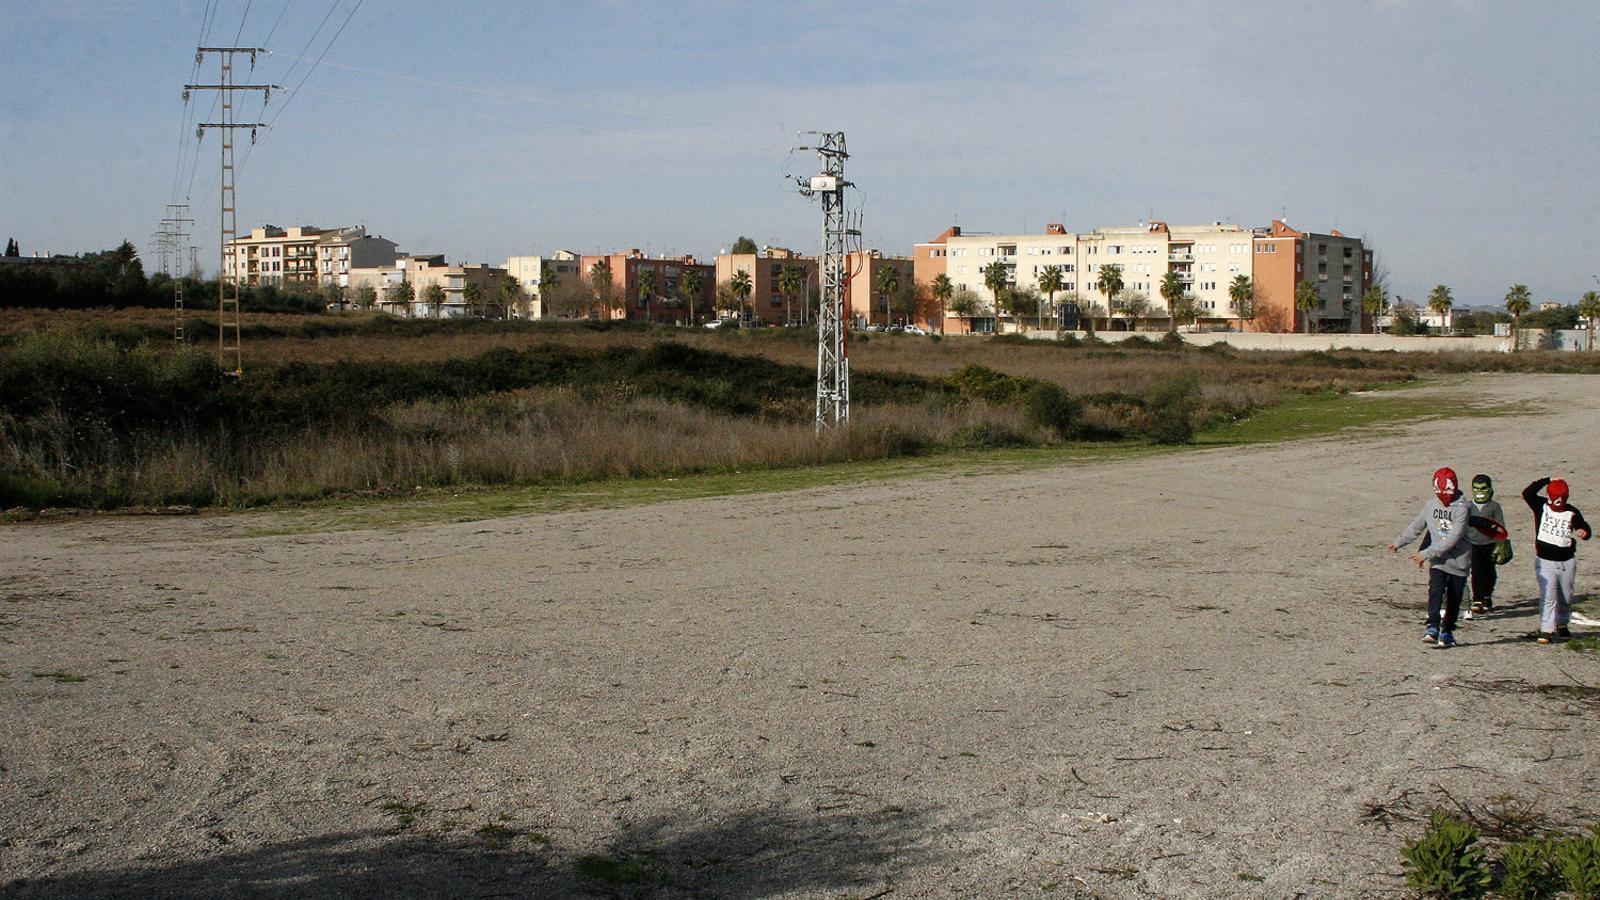 Per l'expropiació d'aquests terrenys, qualificats com a zona verda, les quatre famílies demandants reclamaven 14,7 milions d'euros.